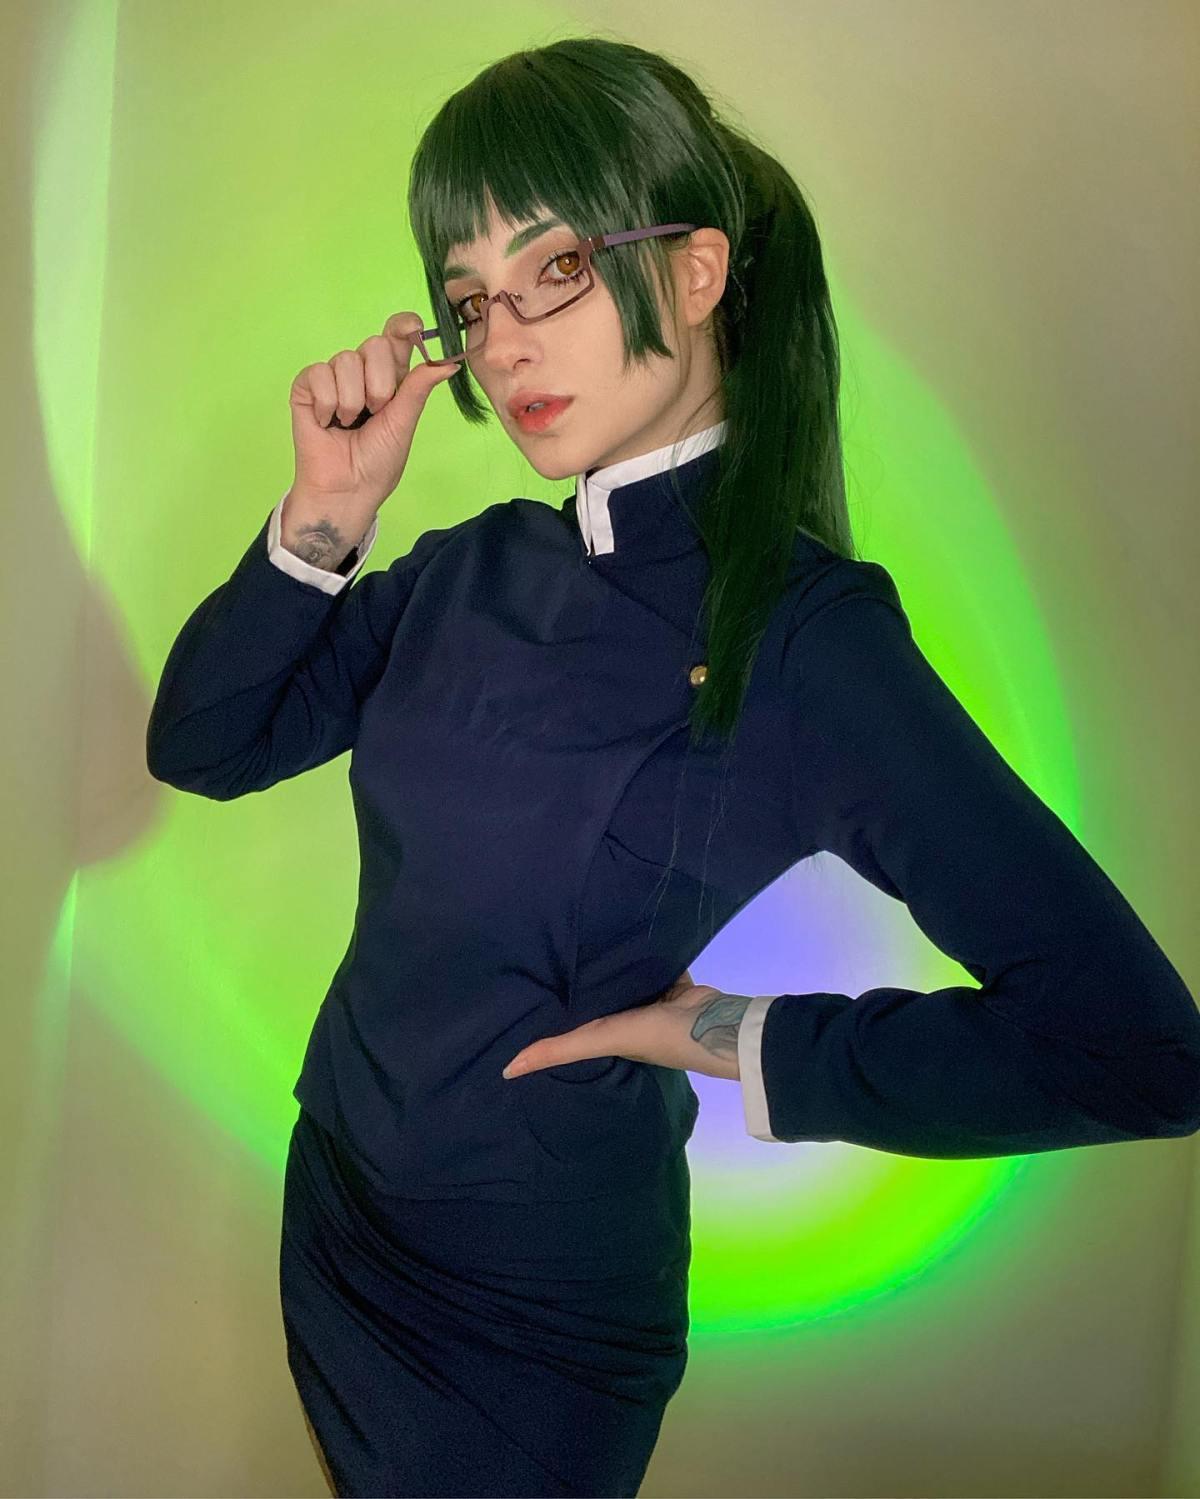 Cosplay da Maki Zenin, de Jujutsu Kaisen, da Samanta Bravin. O cosplay tem um vestido e a personagem tem cabelos verdes e óculos. A Samanta está olhando para a foto e uma das mãos está na cintura.